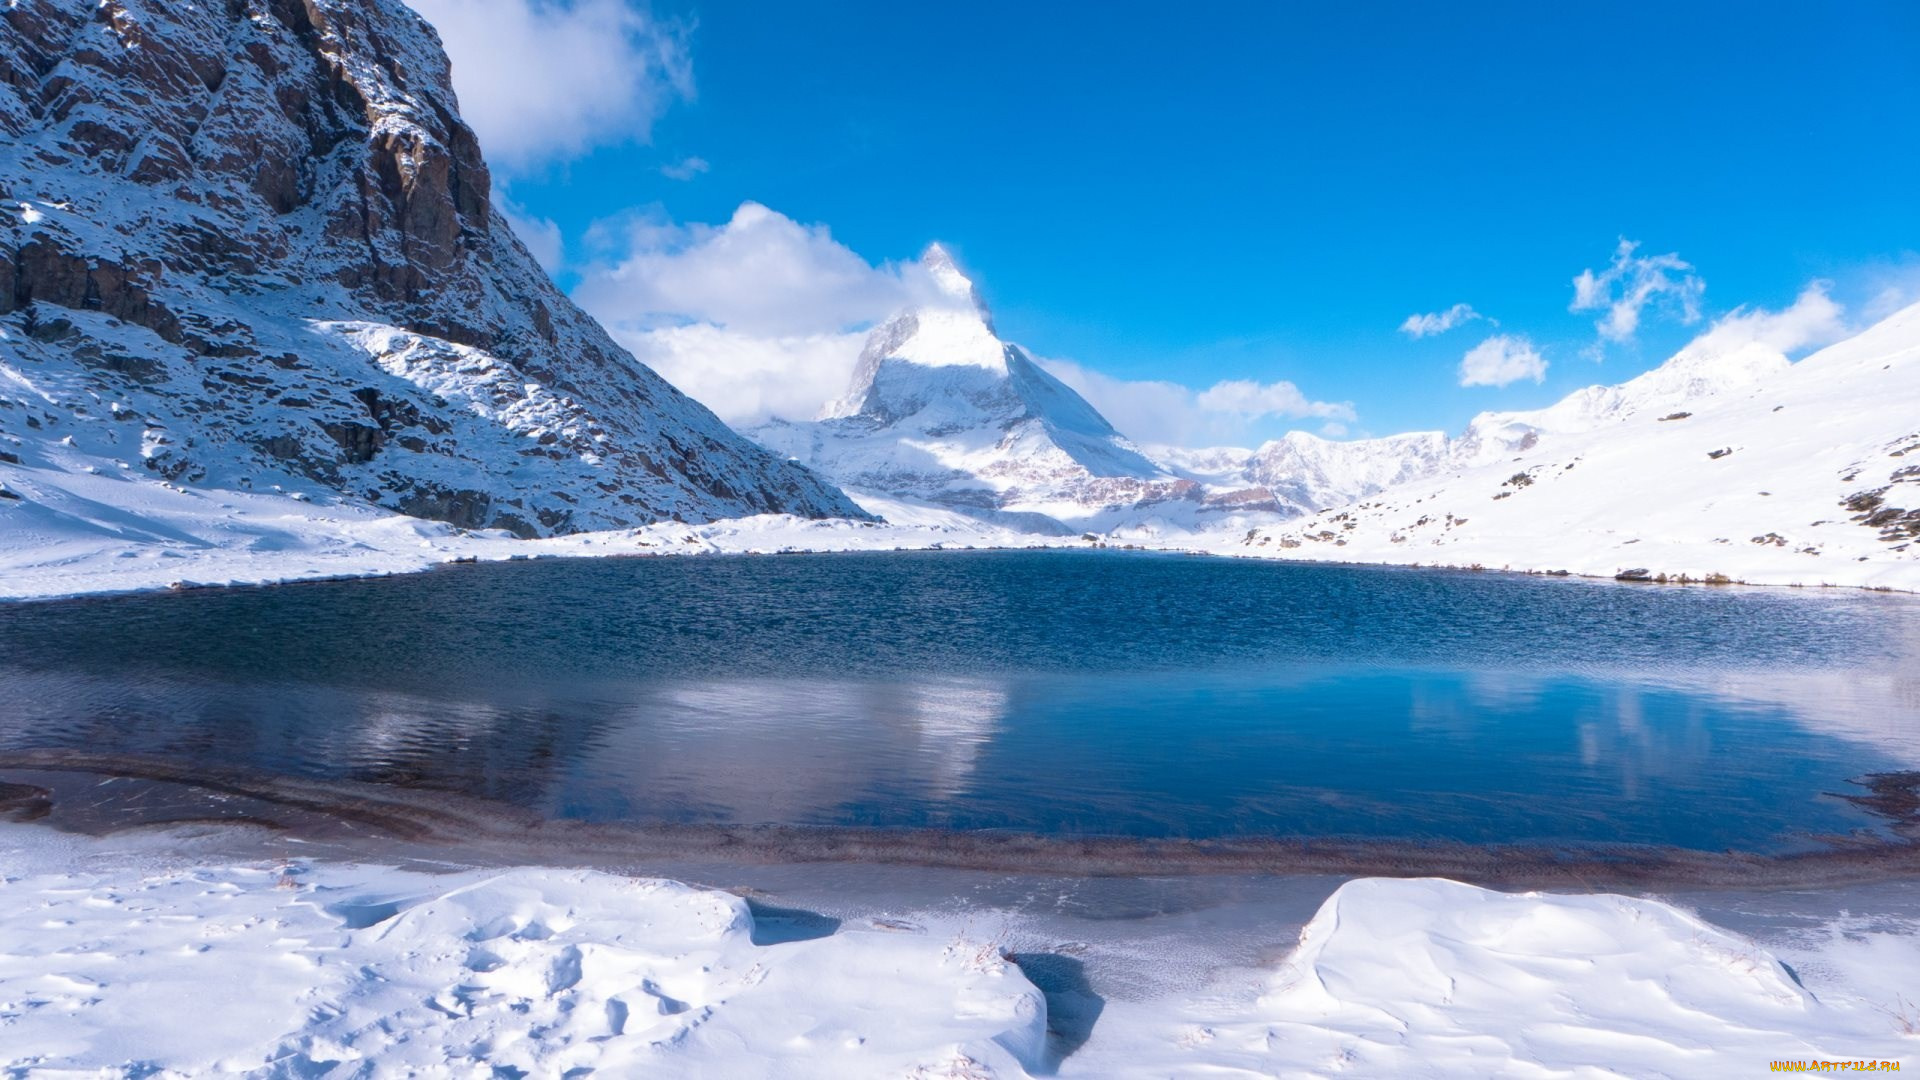 озеро горы снег  № 2476769 загрузить